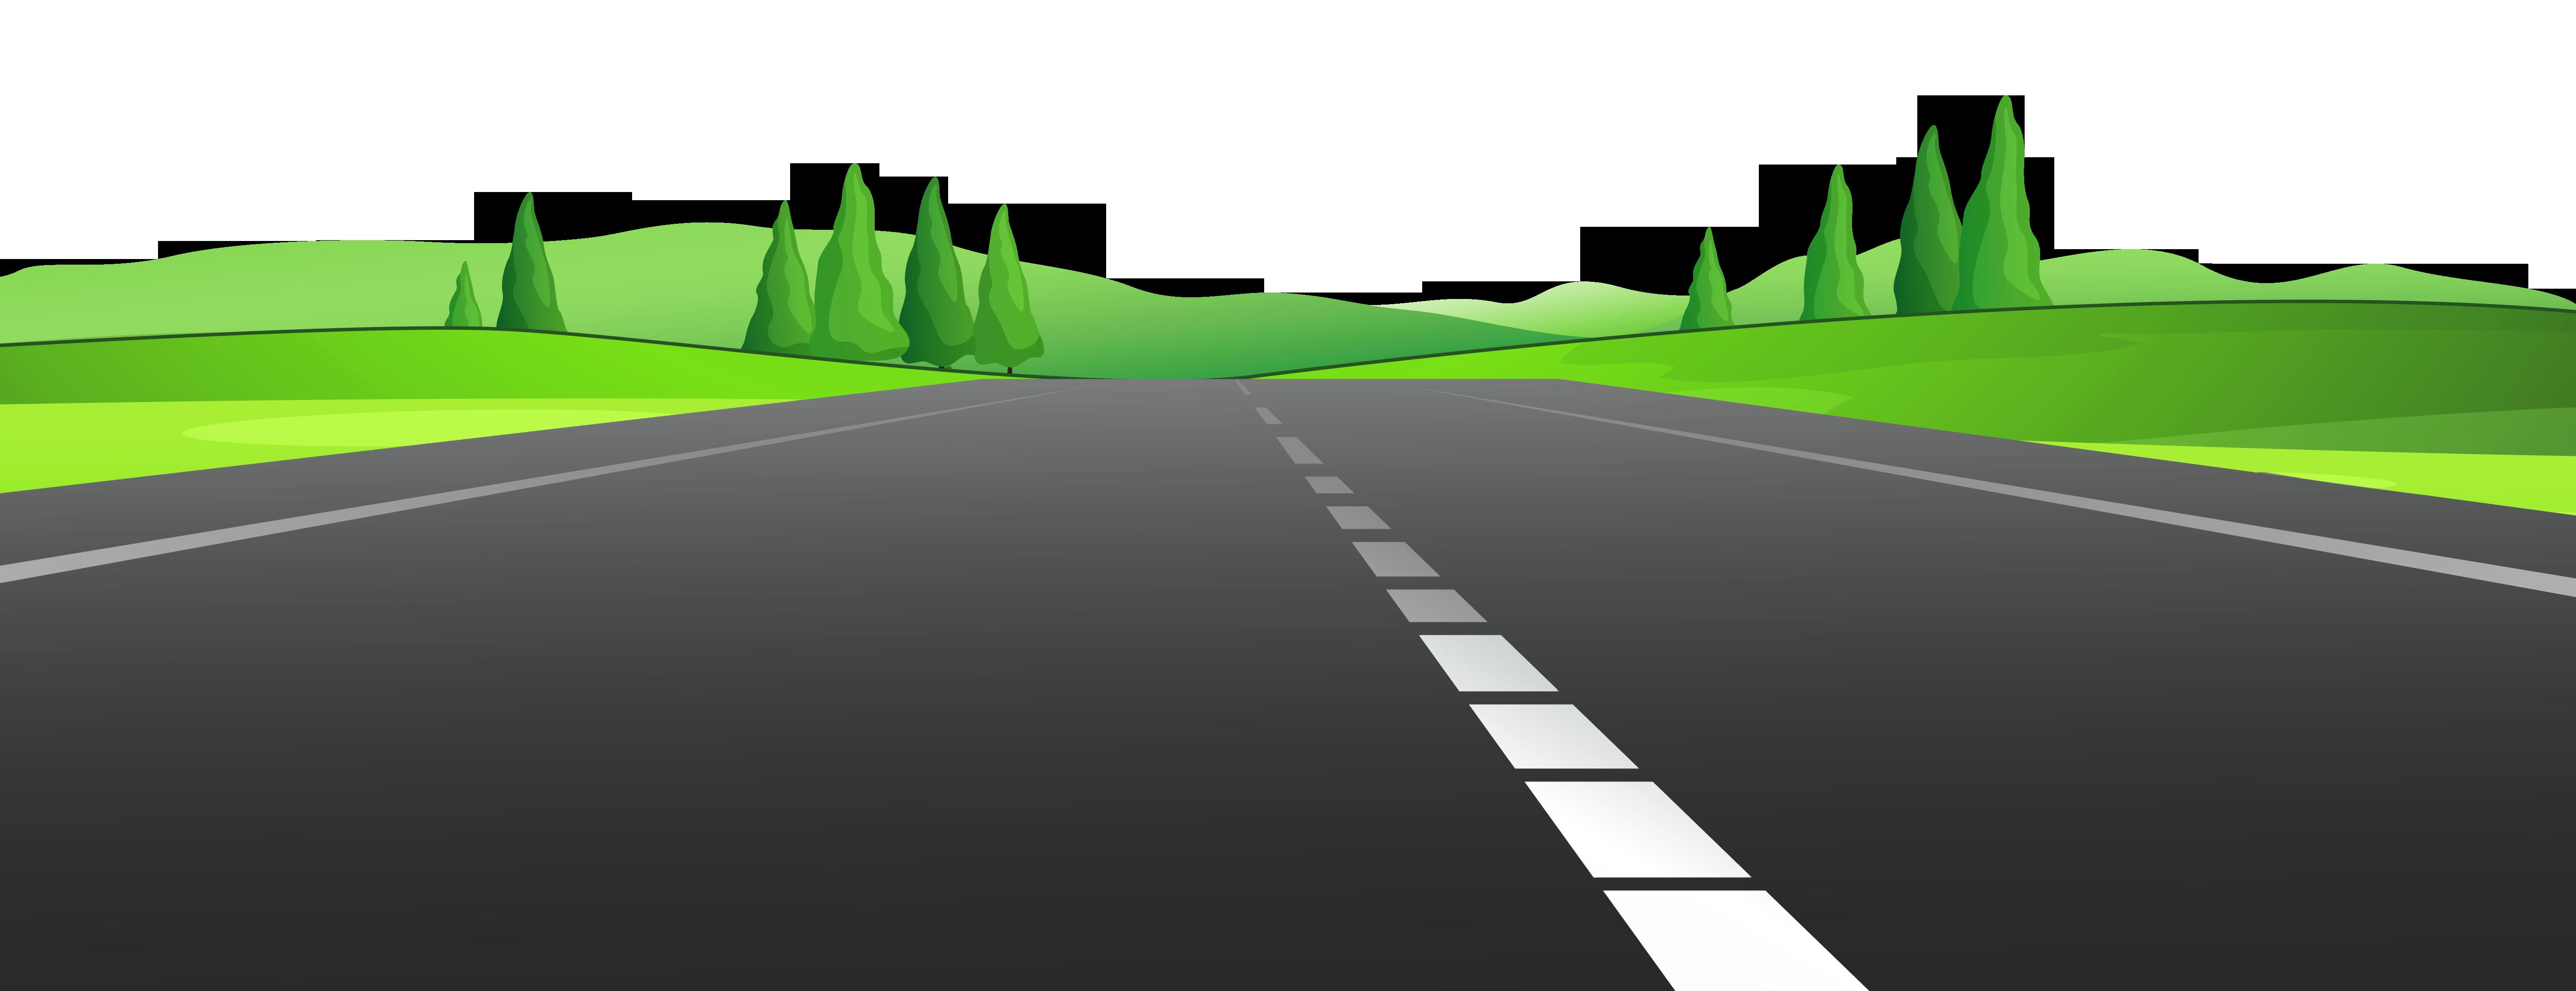 Road Clipart Road Clipart